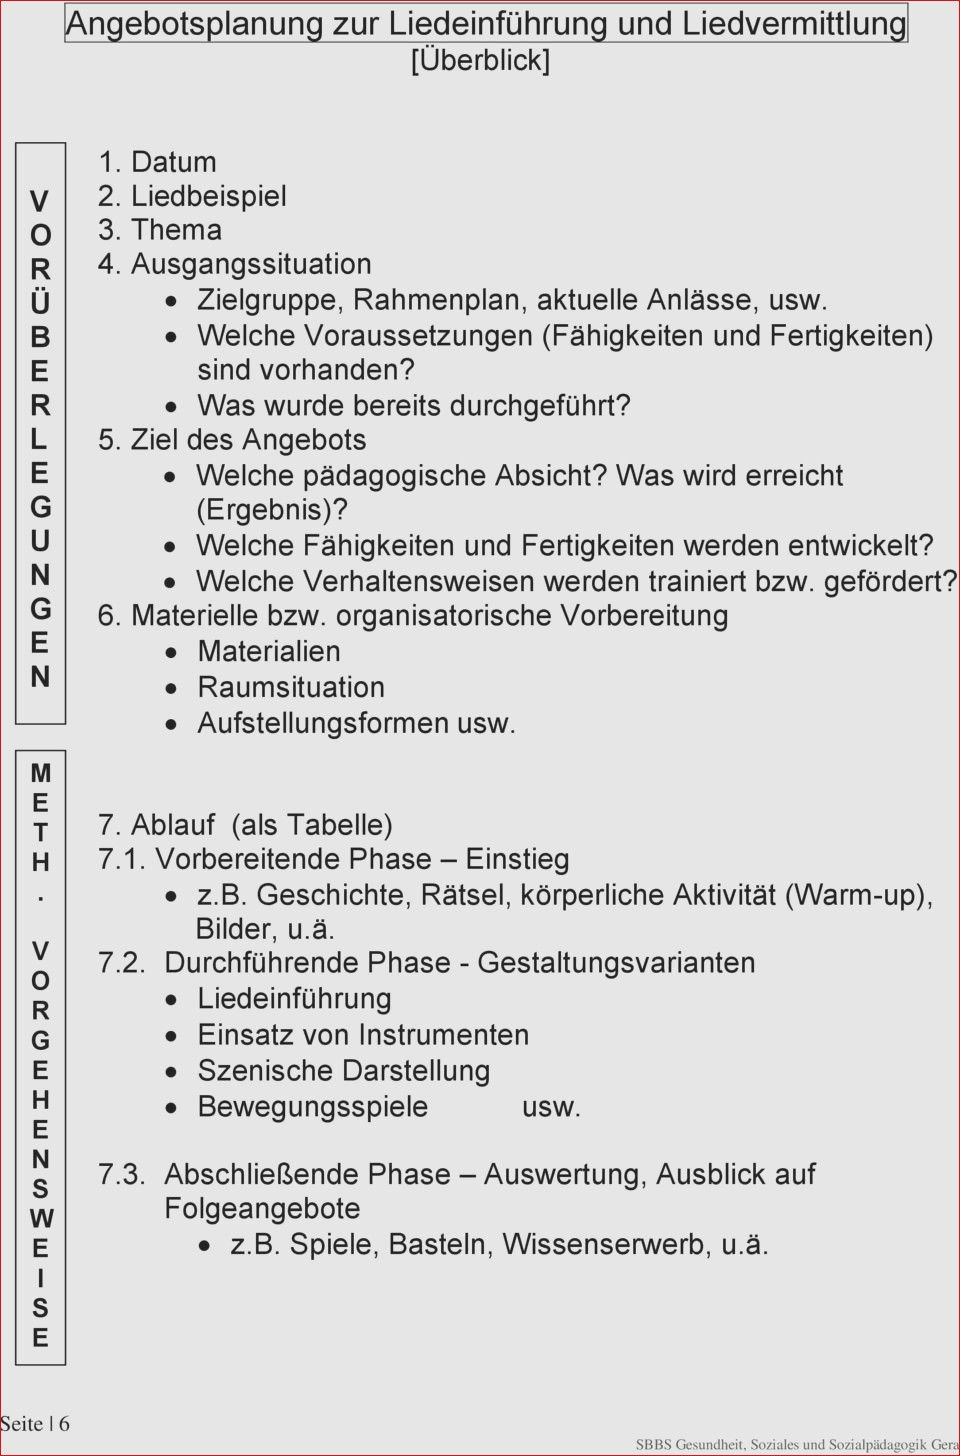 31 Im Trend Schriftliche Planung Eines Angebotes Im Kindergarten Design Ideen Angebote Rahmenplan Kindergarten